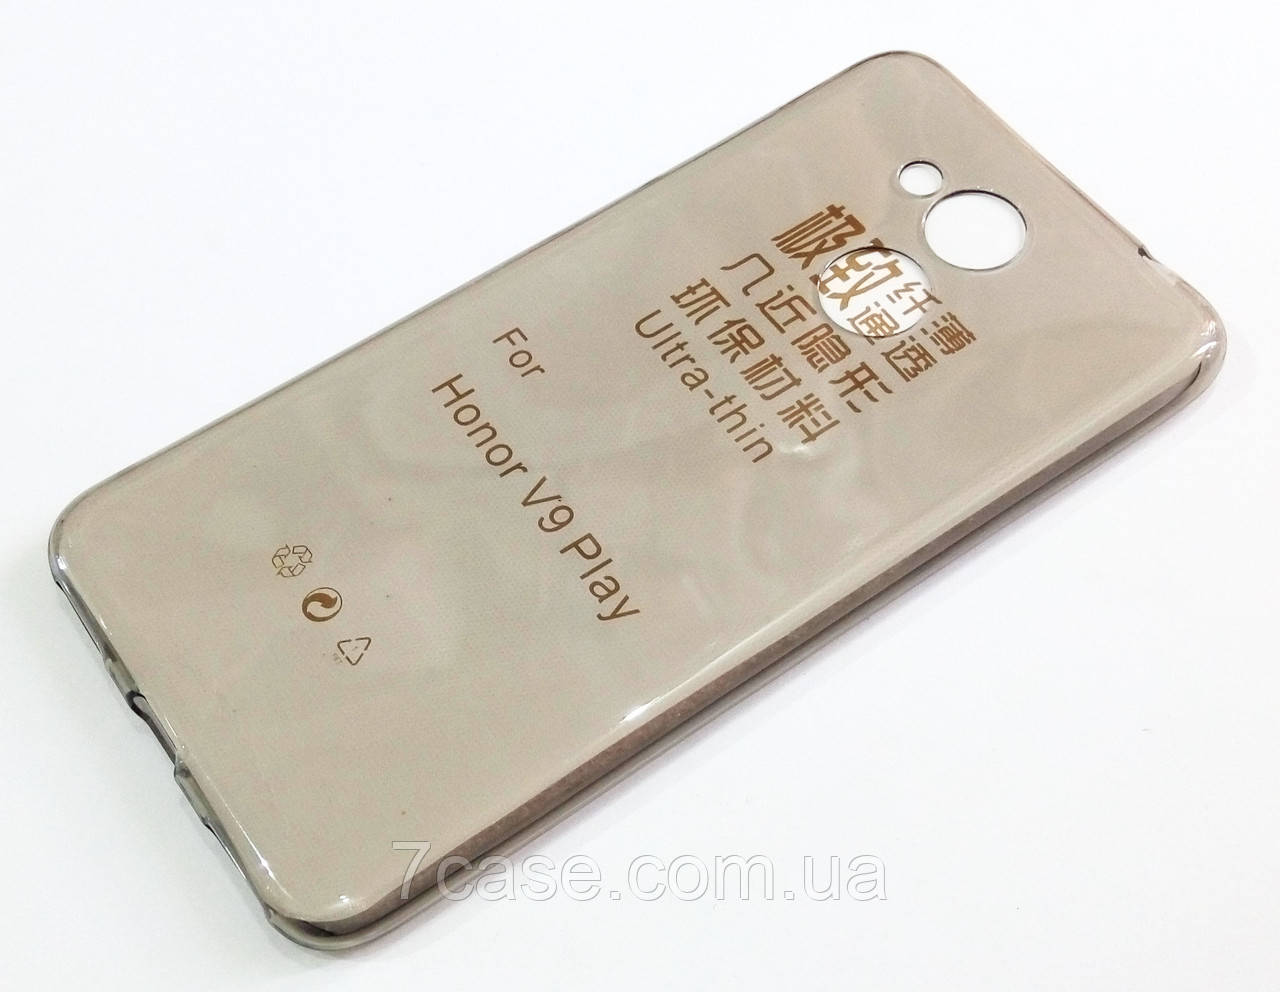 Чехол для Huawei Honor 6C Pro силиконовый ультратонкий прозрачный серый